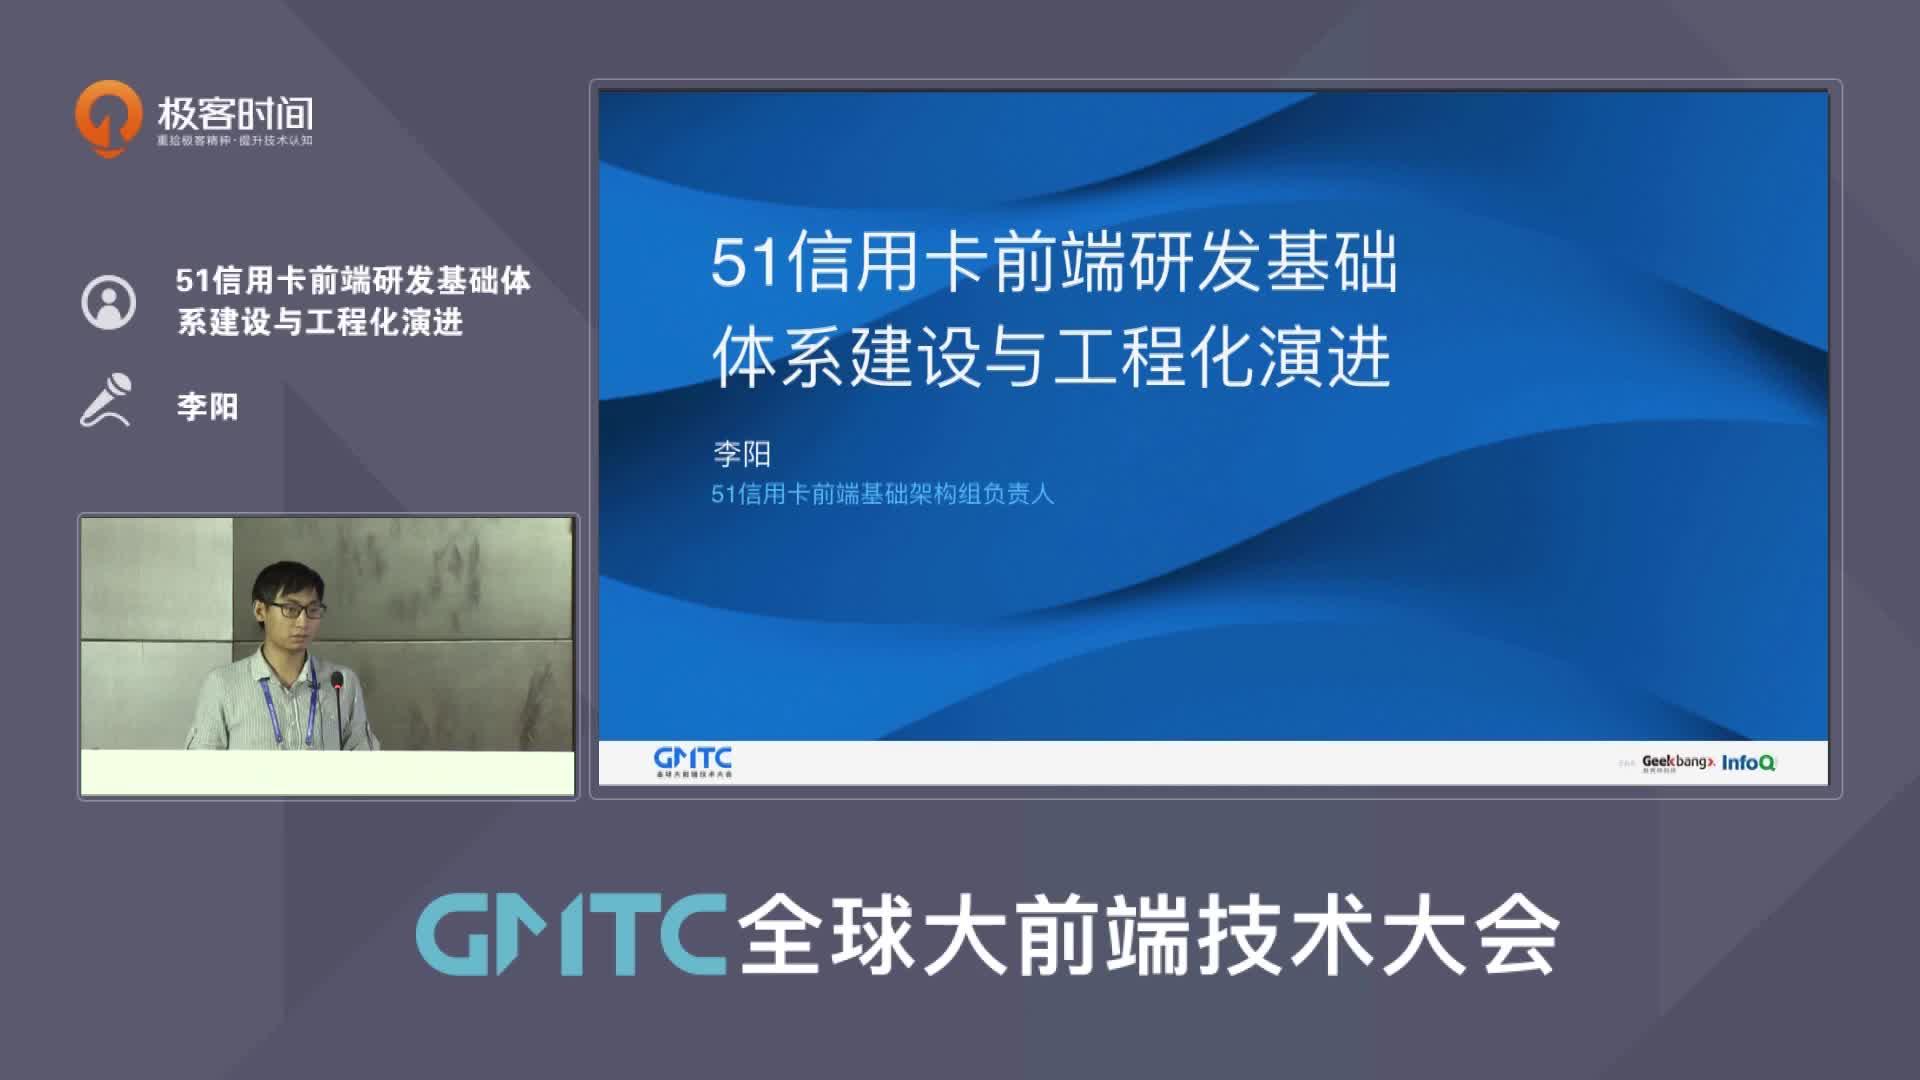 51信用卡前端研发基础体系建设与工程化演进丨GMTC